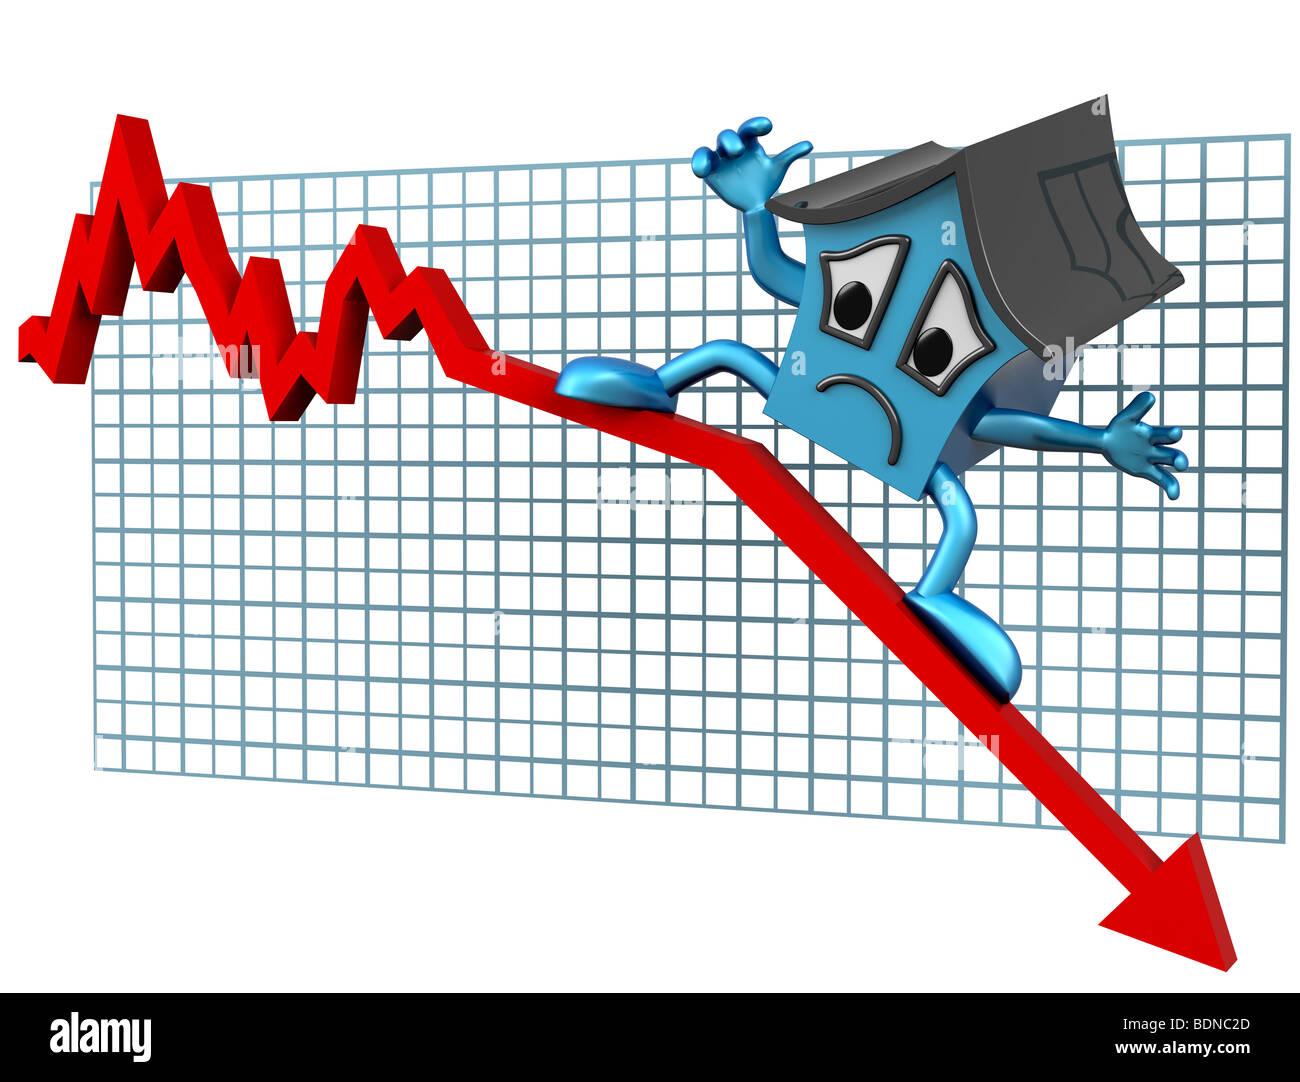 Illustrazione isolato di una casa di navigare verso il basso su un grafico in declino Immagini Stock